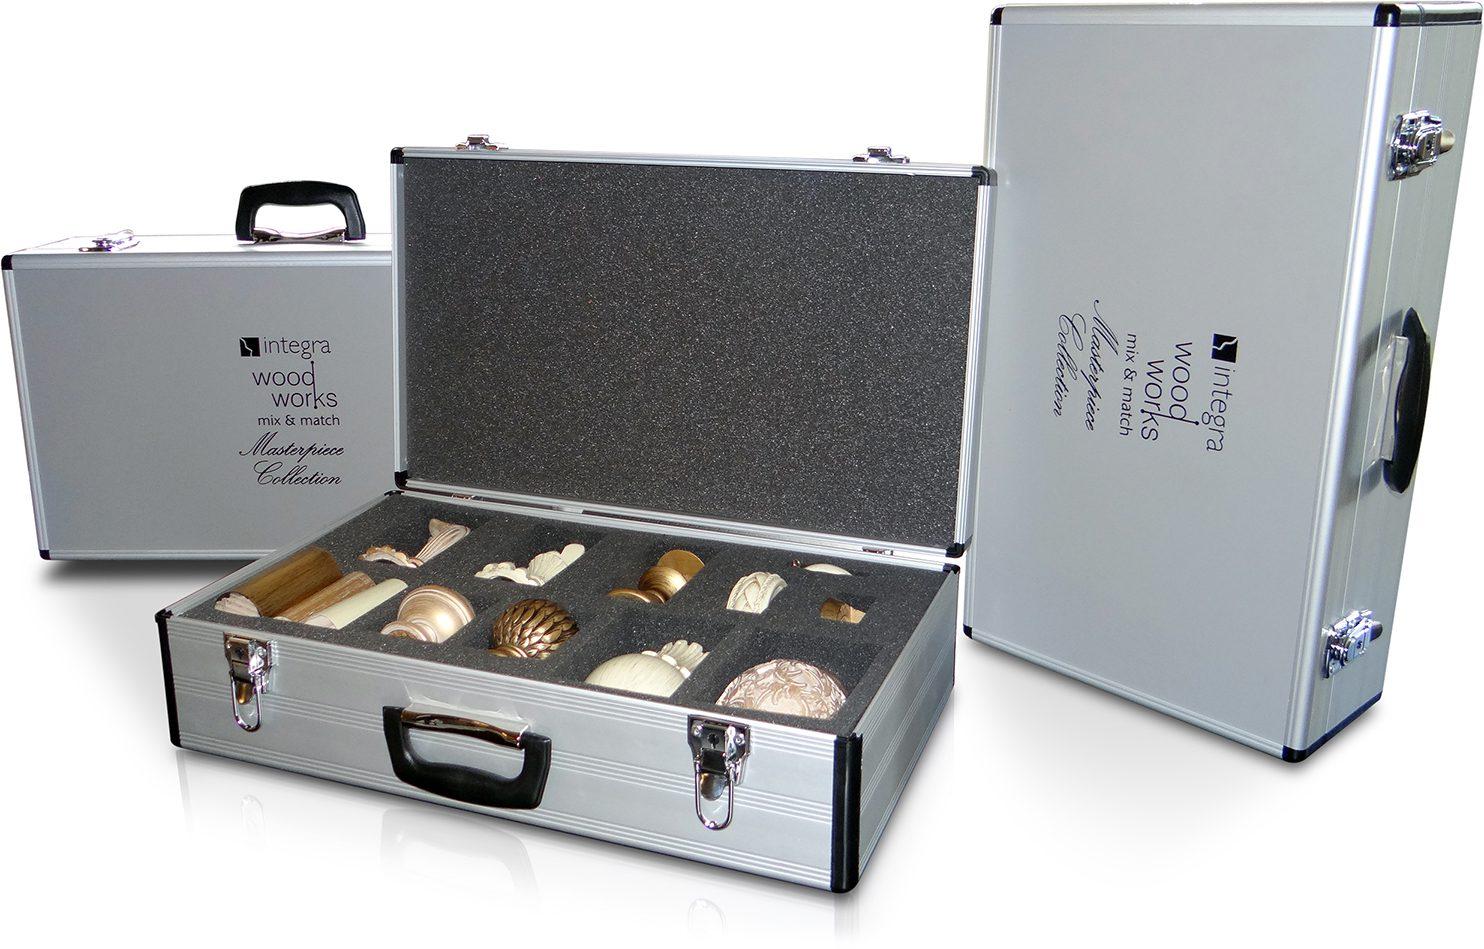 Sample Aluminium Case with Bespoke Foam Interior